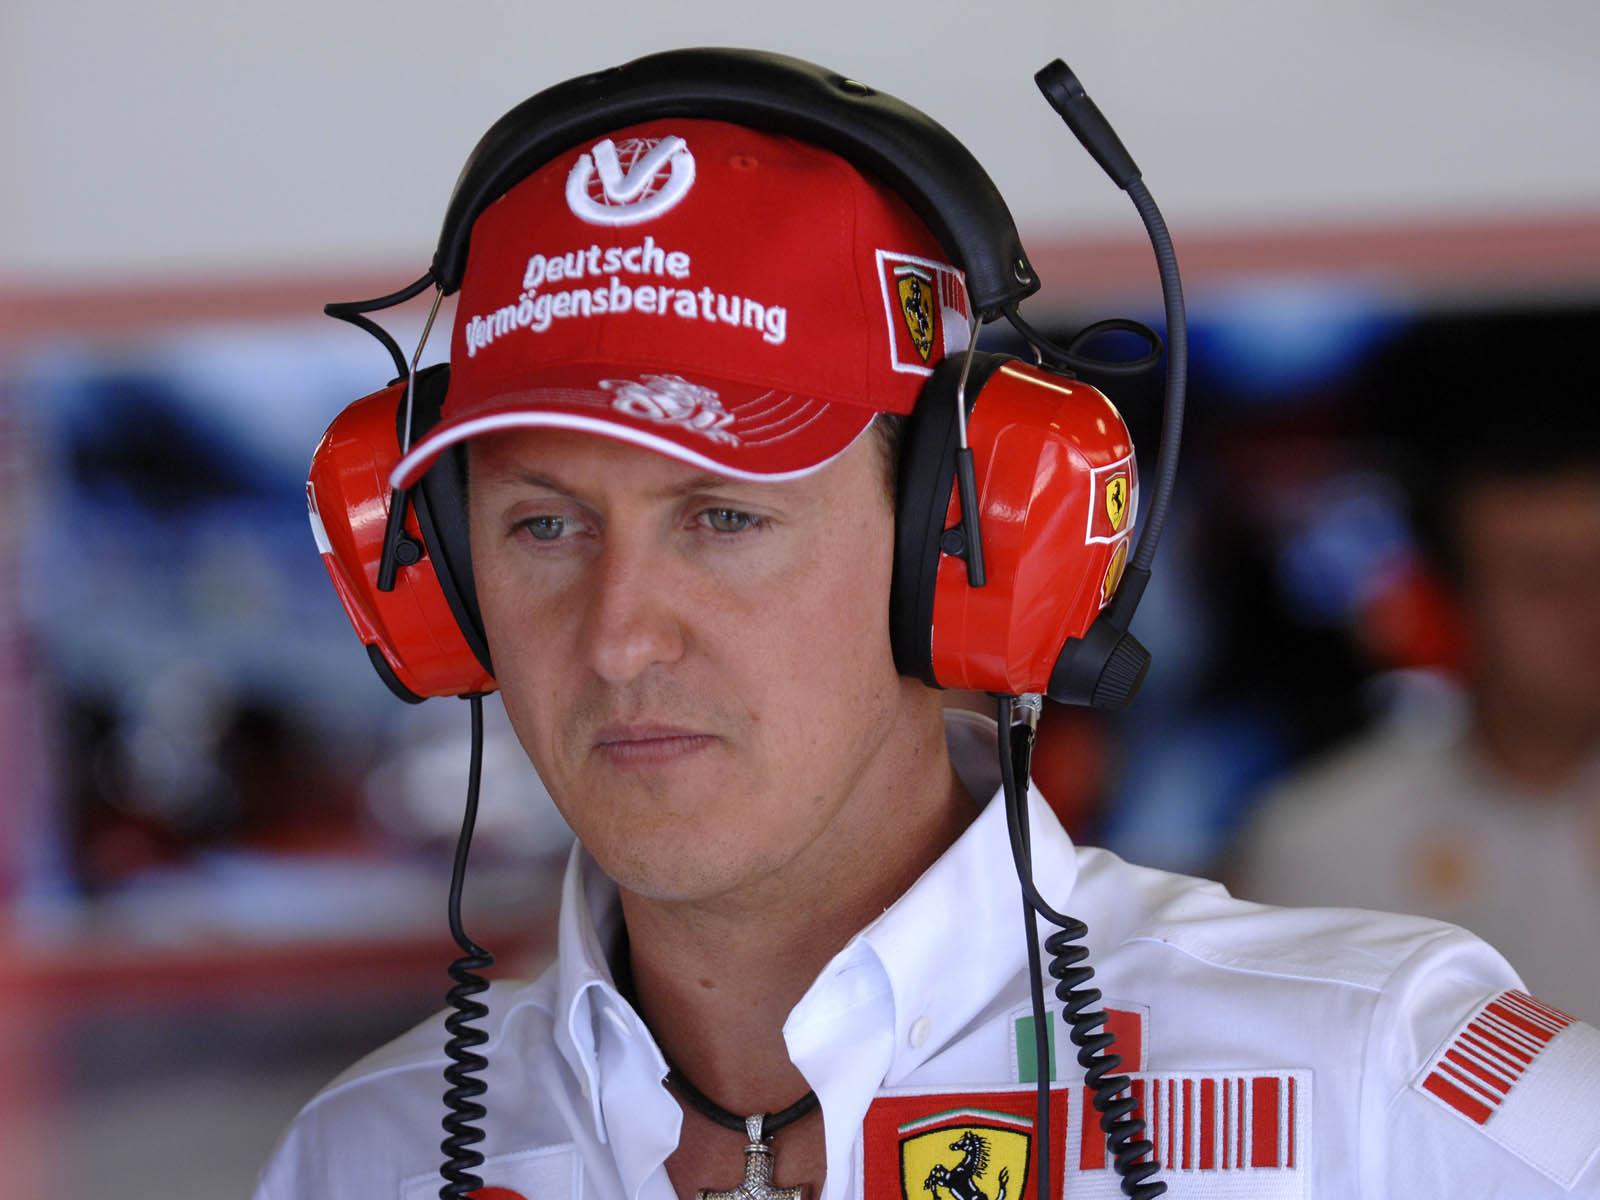 http://4.bp.blogspot.com/-DnWijC6HKKc/US9h6pL-5sI/AAAAAAAAT4A/0C0W8uHaBr8/s1600/Formula+1+Racer+Michael+Schumacher+Wallpapers+01.jpg